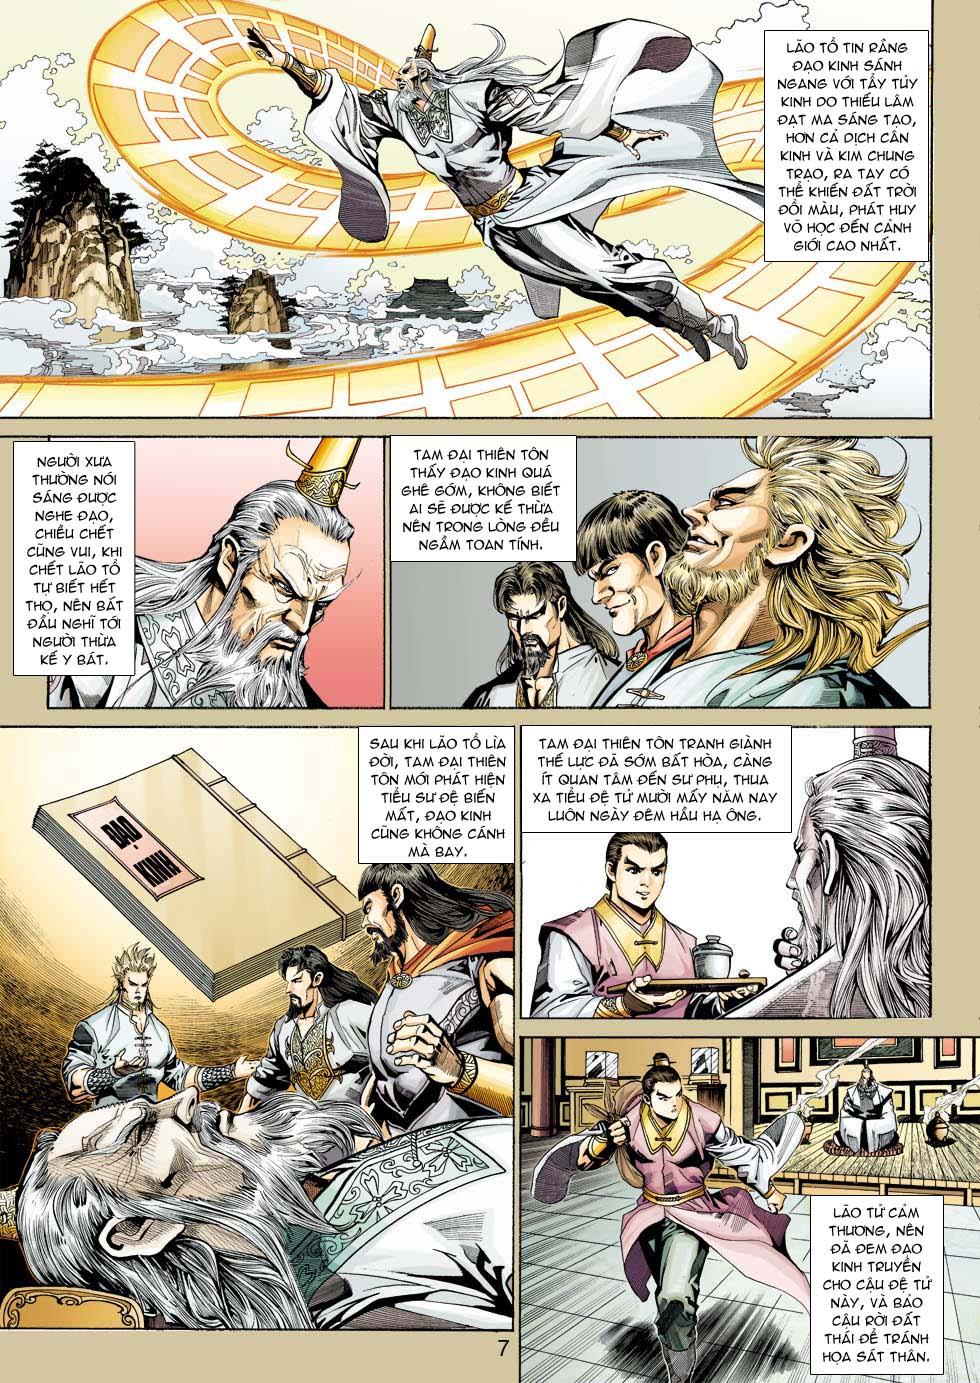 Tân Tác Long Hổ Môn chap 343 - Trang 7